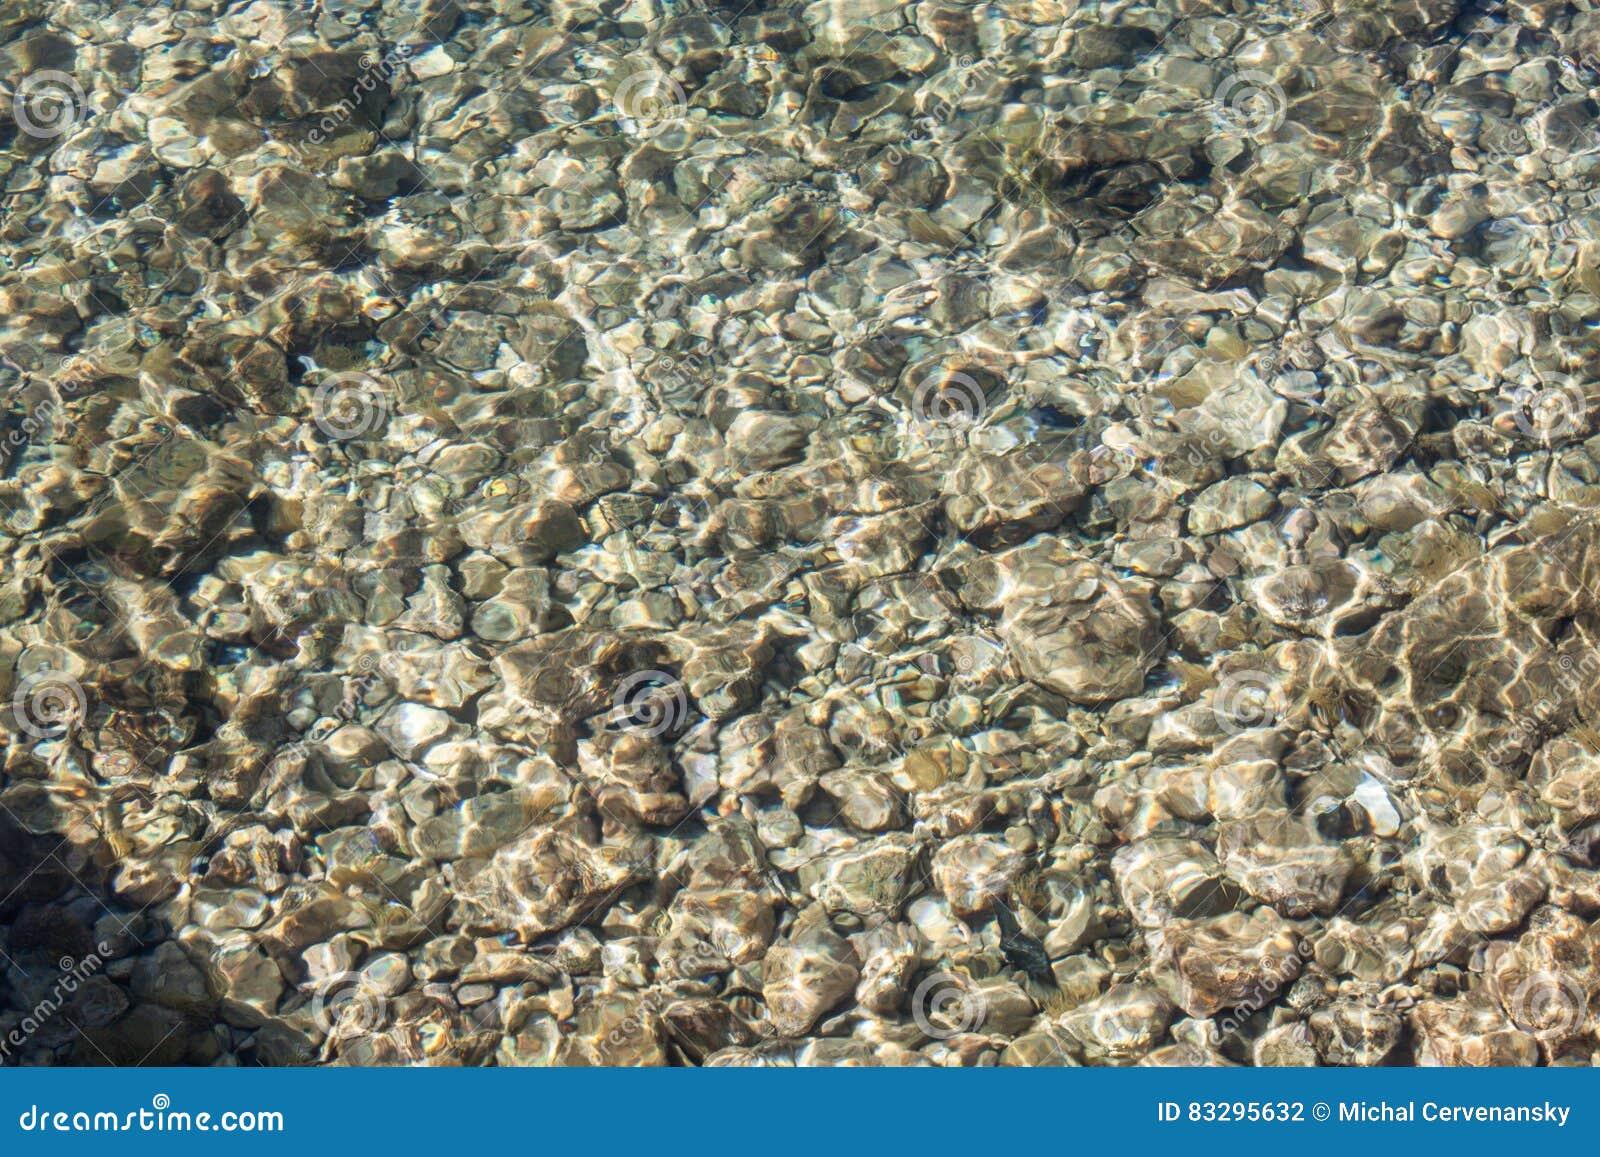 Felsen im Meerwasser